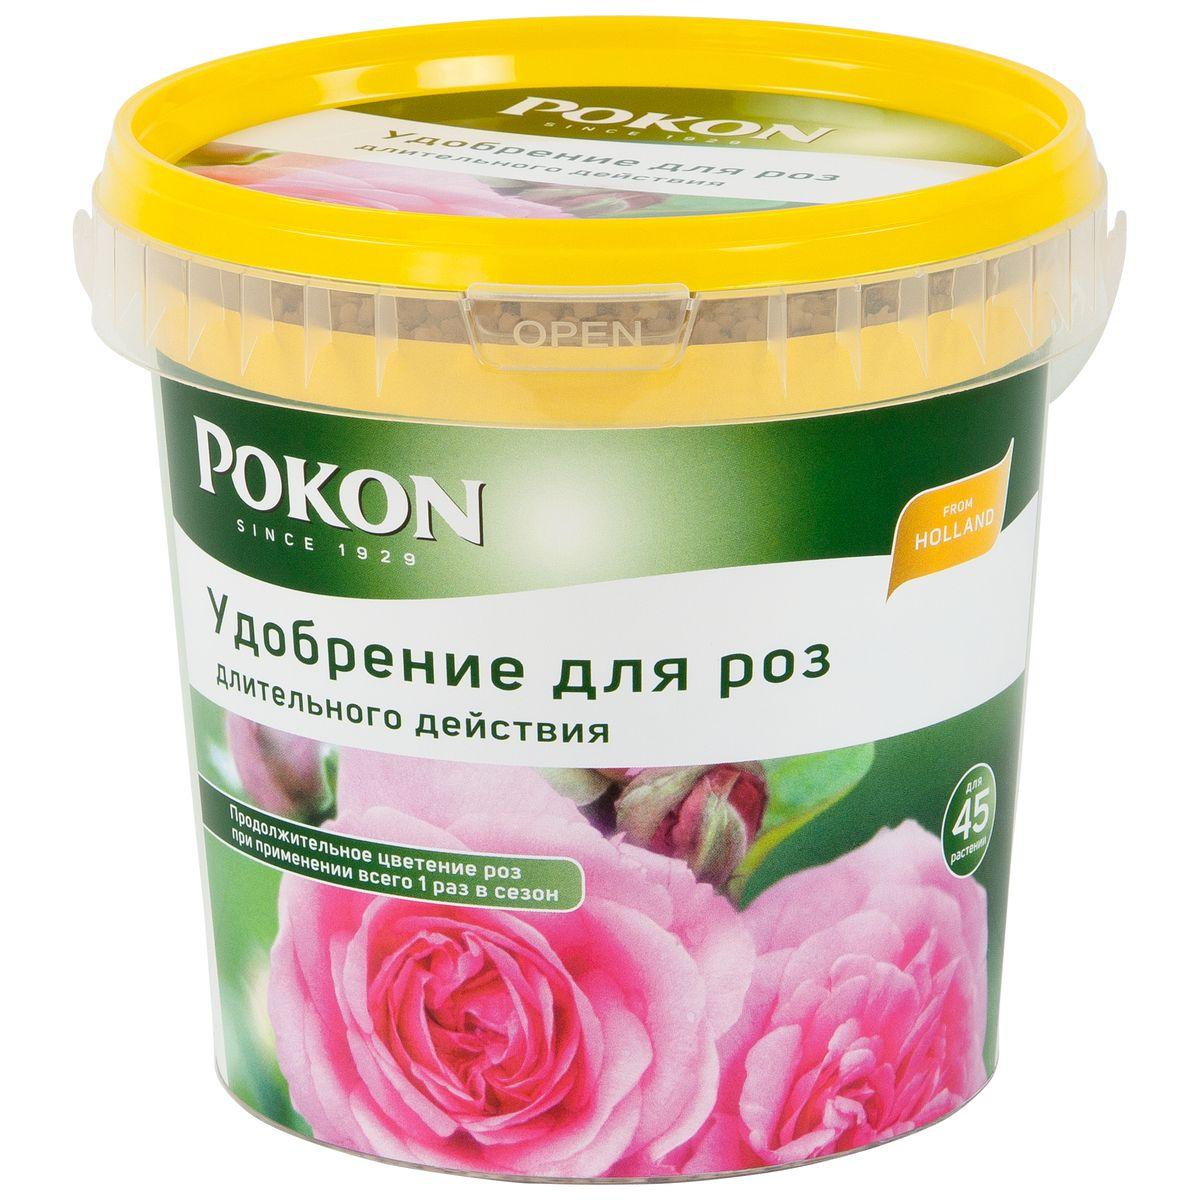 Удобрение Pokon для роз длительного действия, 900 г8711969016118Удобрение Pokon для роз длительного действия: NPK 17 + 16 + 17 с добавкой 2 MgO + 1 Fe. Это удобрение Pokon содержит как раз столько азота, фосфора и калия, сколько нужно для здоровья и красоты ваших роз. А добавка железа увеличивает их восприимчивость к свету. В удобрении есть все необходимое, чтобы розы цвели все лето — часто и обильно. Достаточно внести это удобрение один раз, и затем питательные вещества будут постепенно высвобождаться и проникать в растения в течение сезона под воздействием дождей и солнца. Инструкция по применению: - Вносите удобрение 1 раз в год, желательно весной или при посадке растений. - Отмерьте нужное количество гранул (1 мерная ложечка на 1 растение или 1,5 мерной ложечки на 1 кв. м). - Равномерно насыпьте гранулы вокруг стеблей. - Смешайте гранулы с верхним слоем грунта. - Полейте грунт, и удобрение немедленно начнет действовать. - Не используйте при температуре выше +25 градусов и под прямыми солнечными...